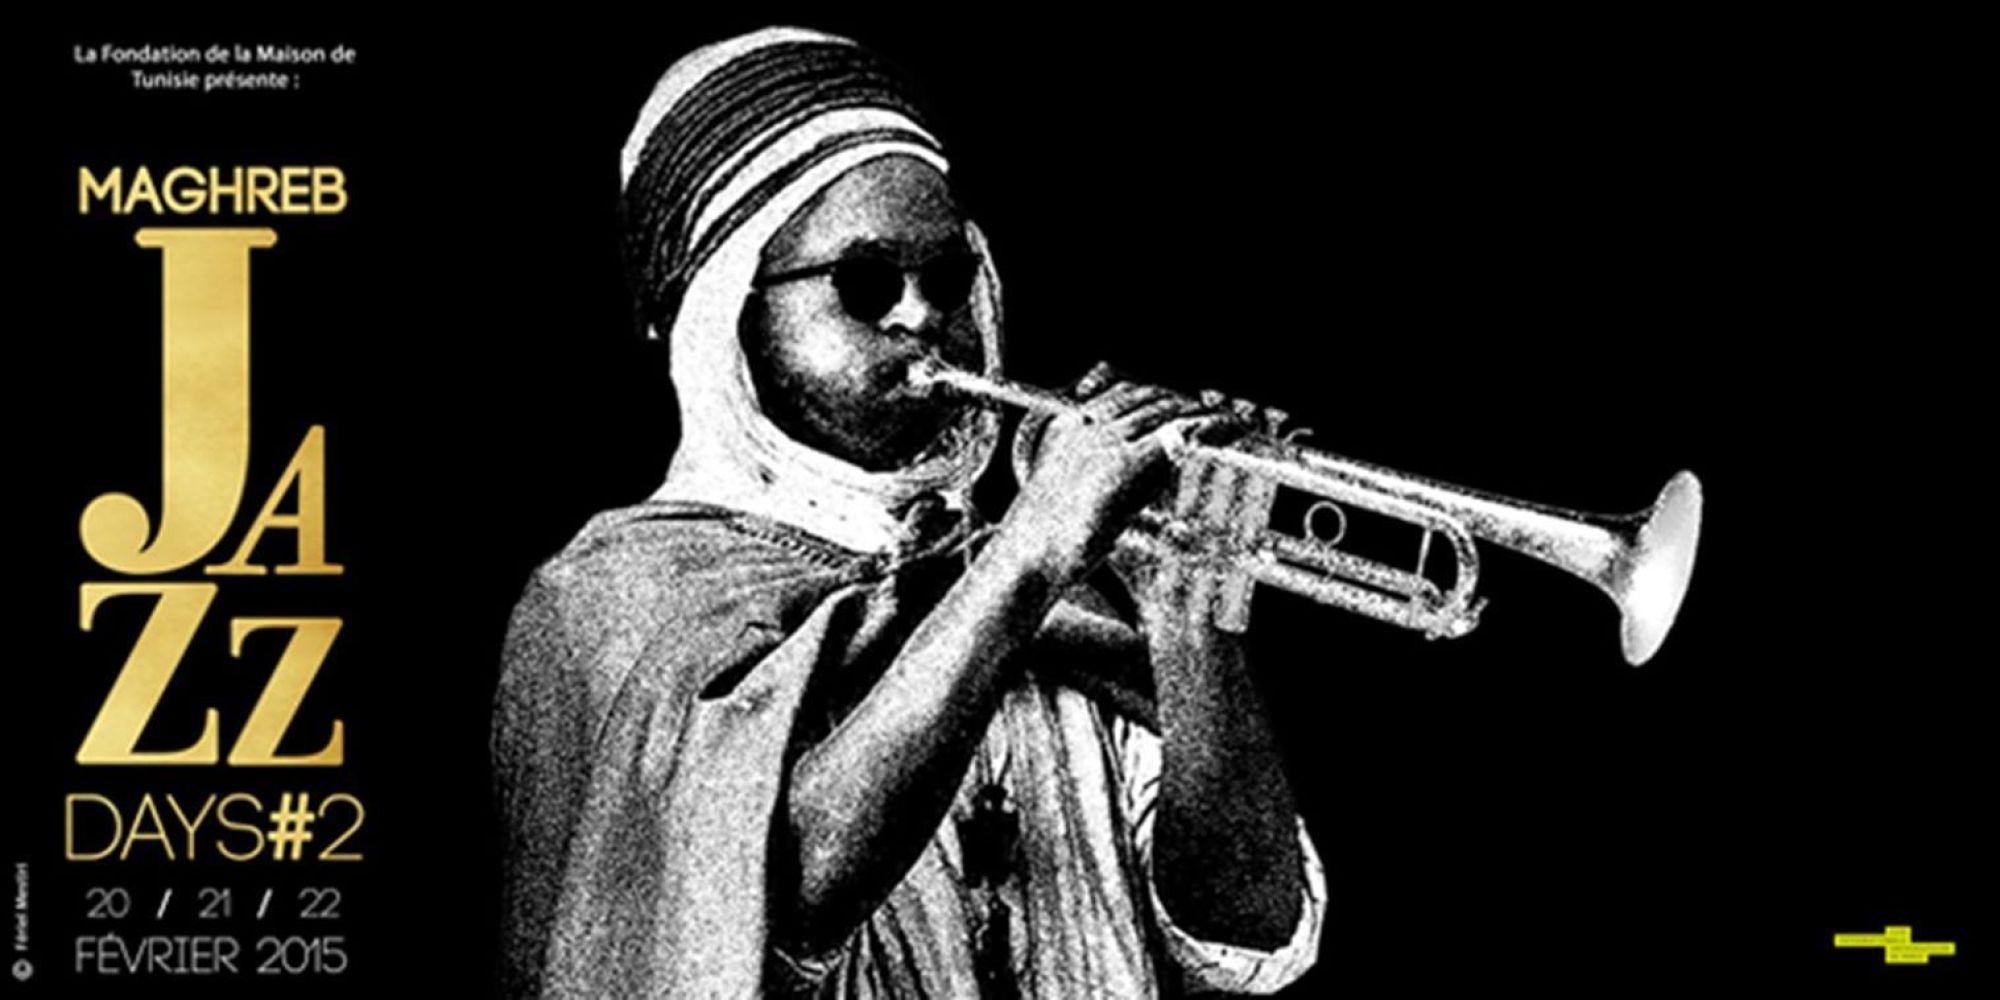 Deux jours pour savourer la richesse de la jeune scène maghrébine du Jazz. C'est la promesse faite par les « Maghreb Jazz Days », organisés les 20 et 22 février 2015.